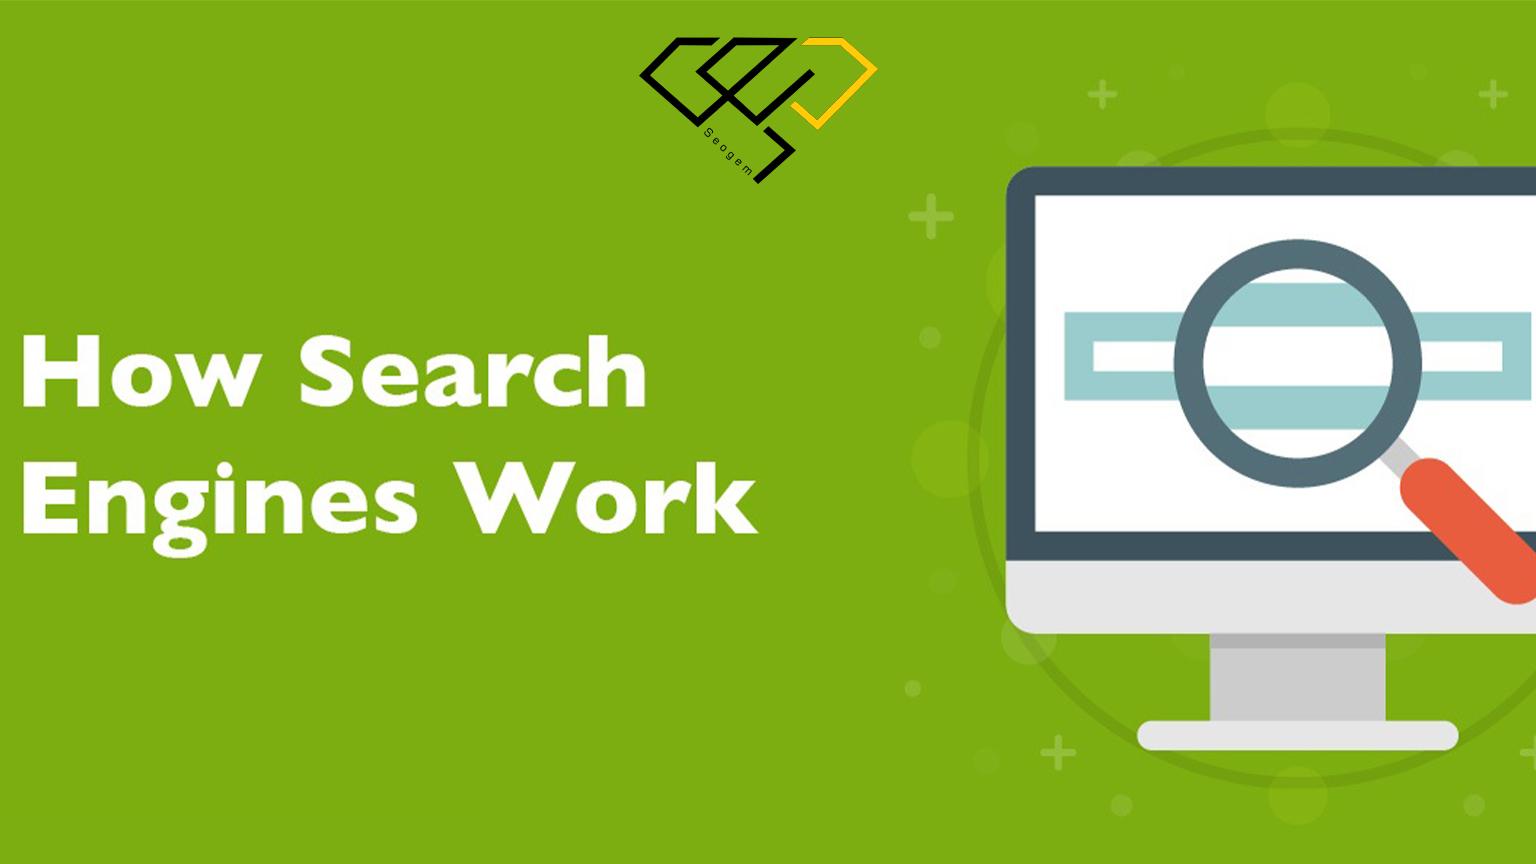 موتورهای جستجو چگونه کار می کنند؟